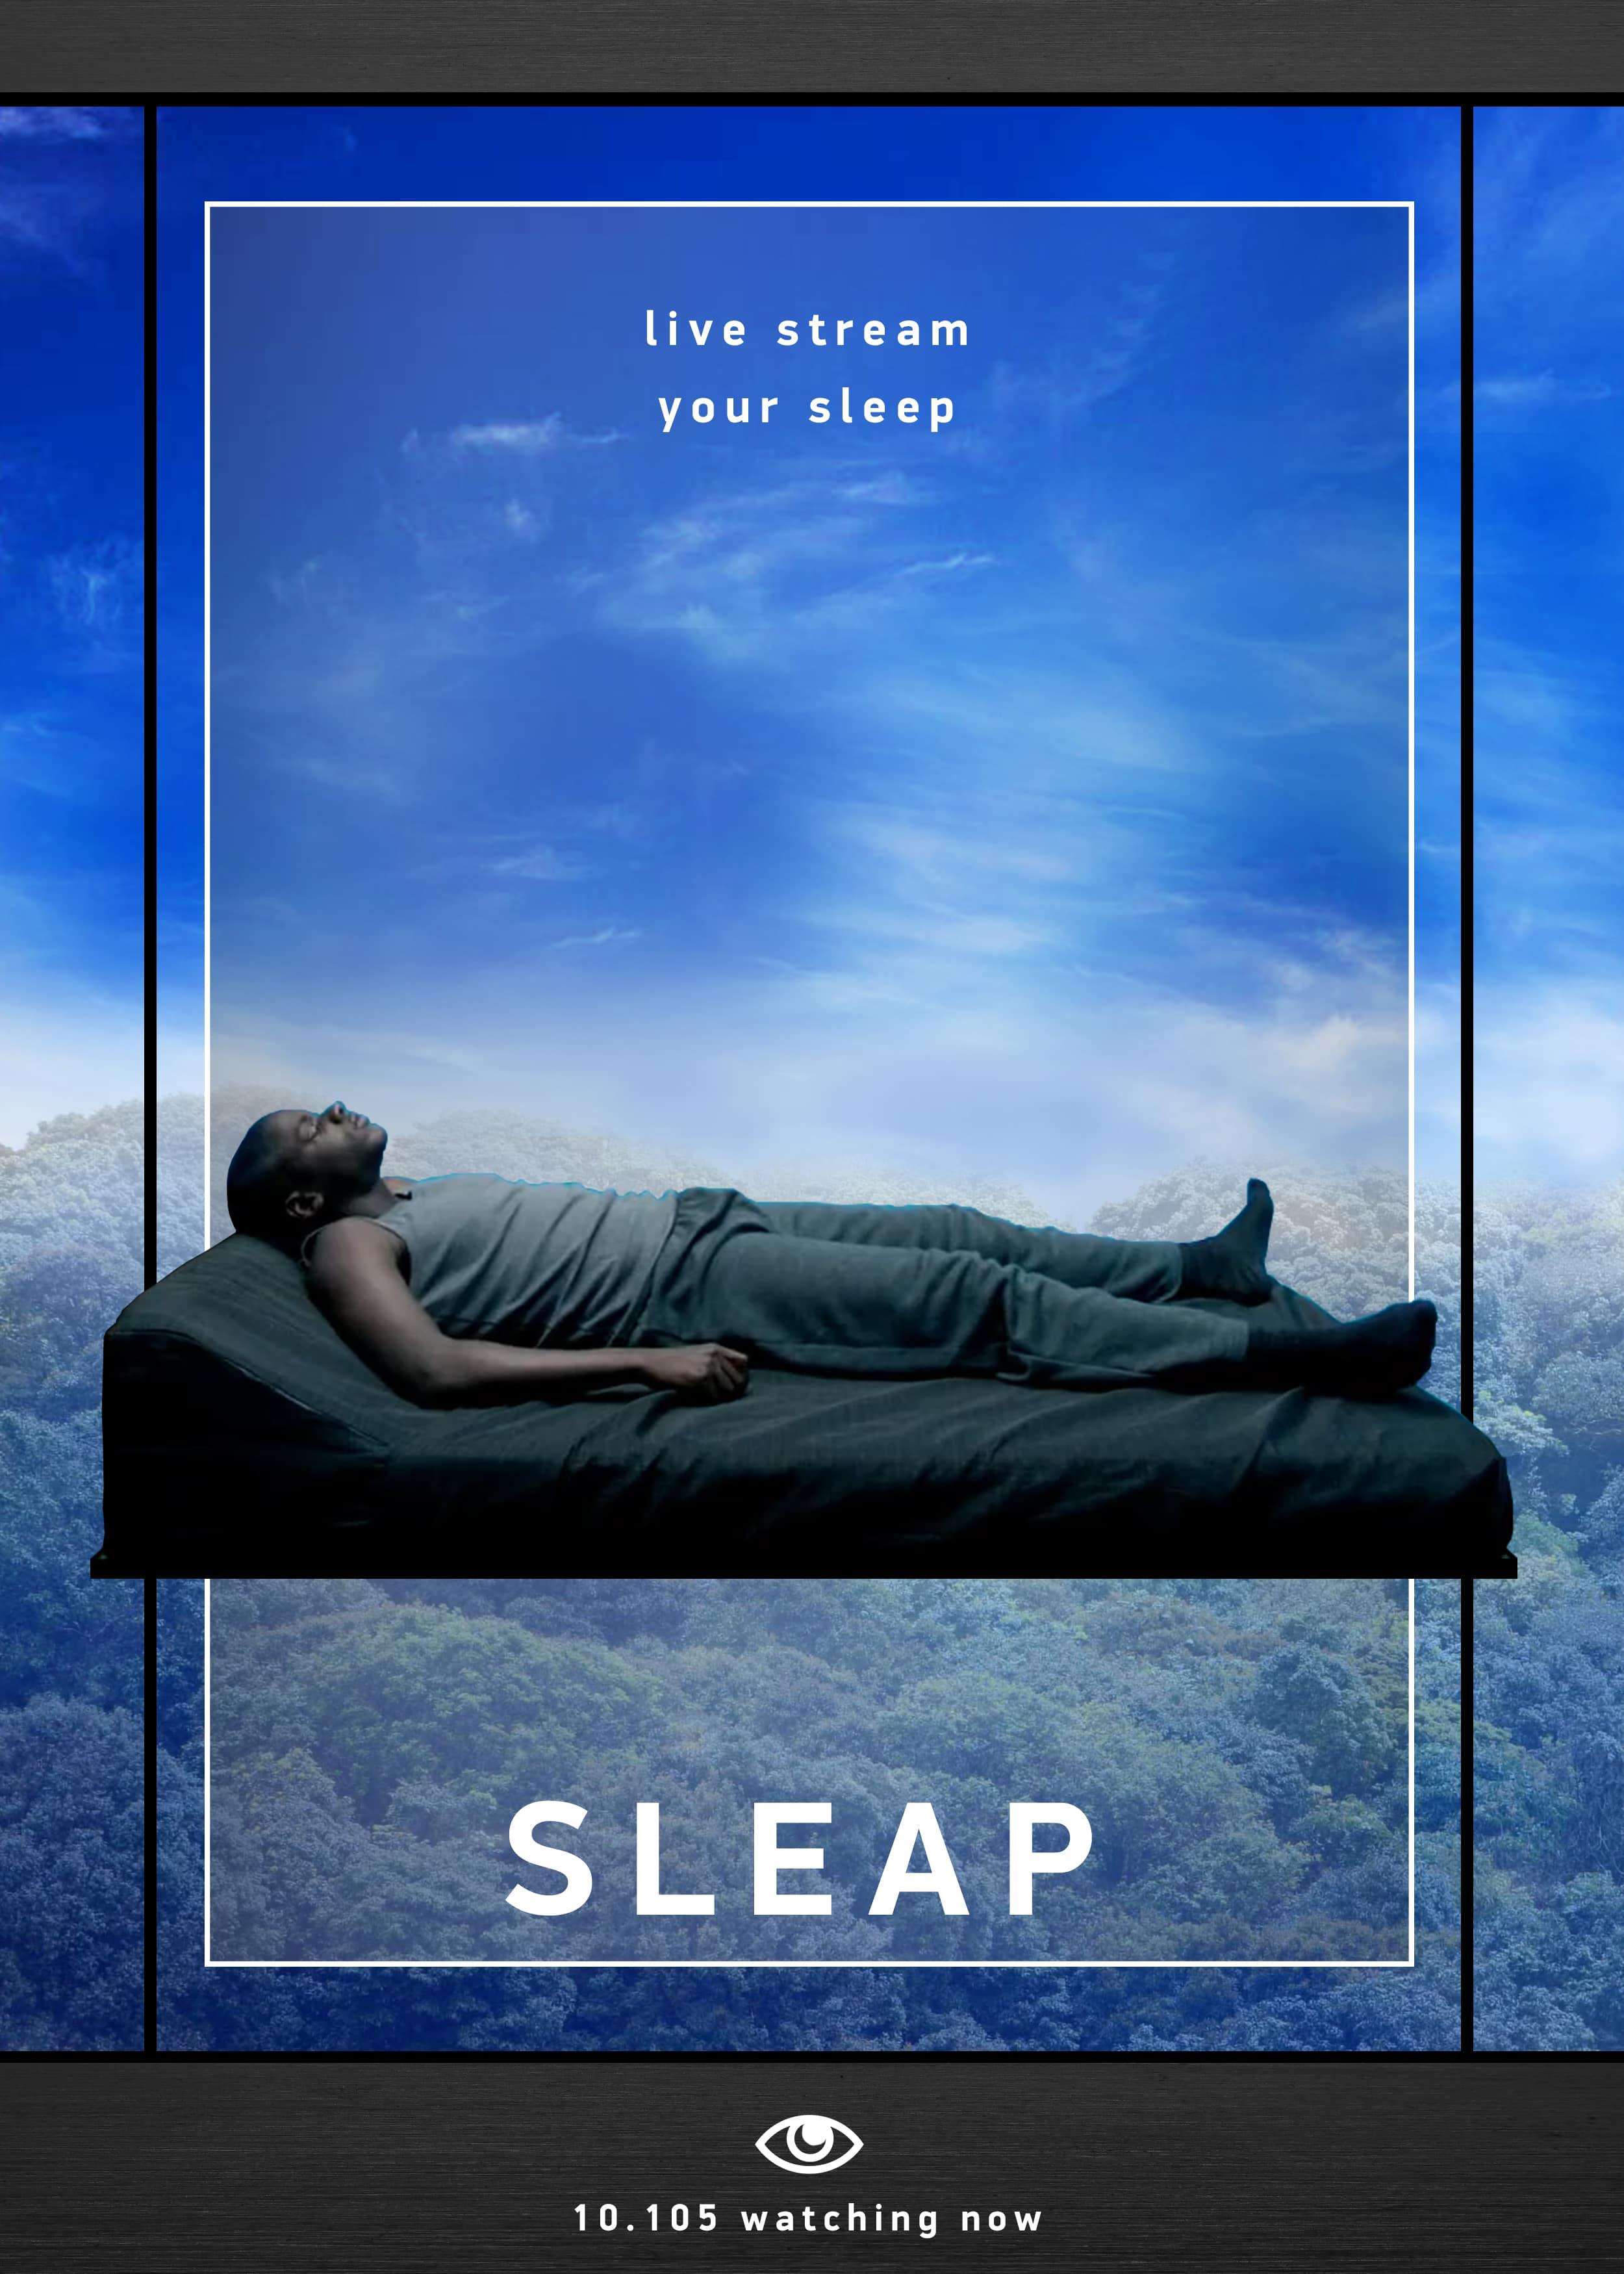 SLEAP